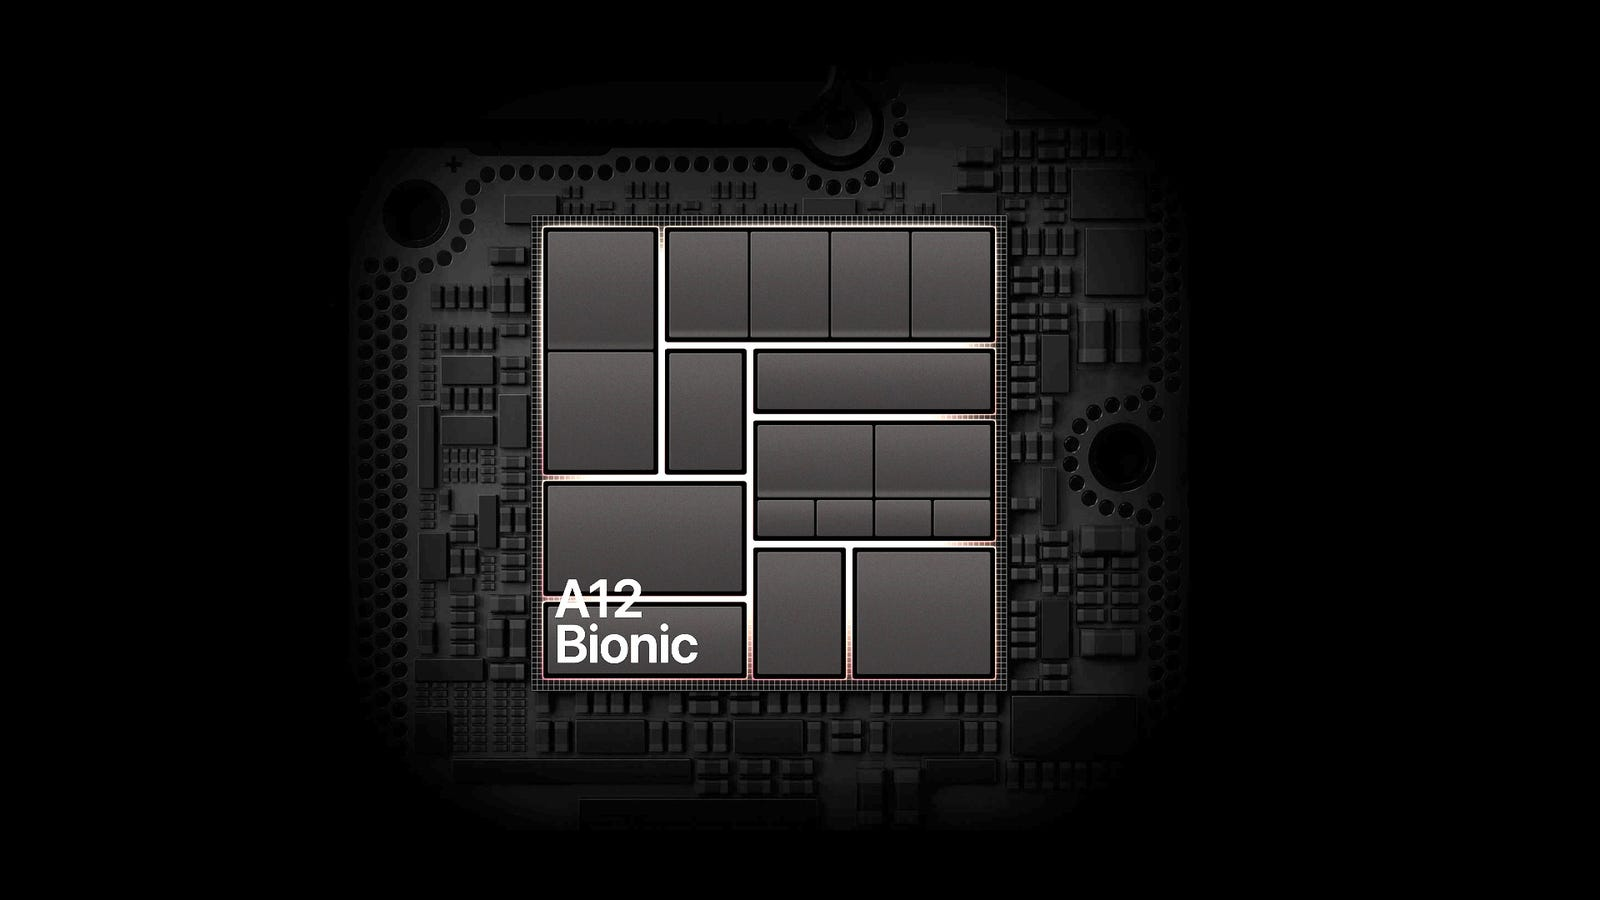 Tanto Huawei como Apple dicen tener el primer procesador de 7 nm, pero solo hay un ganador